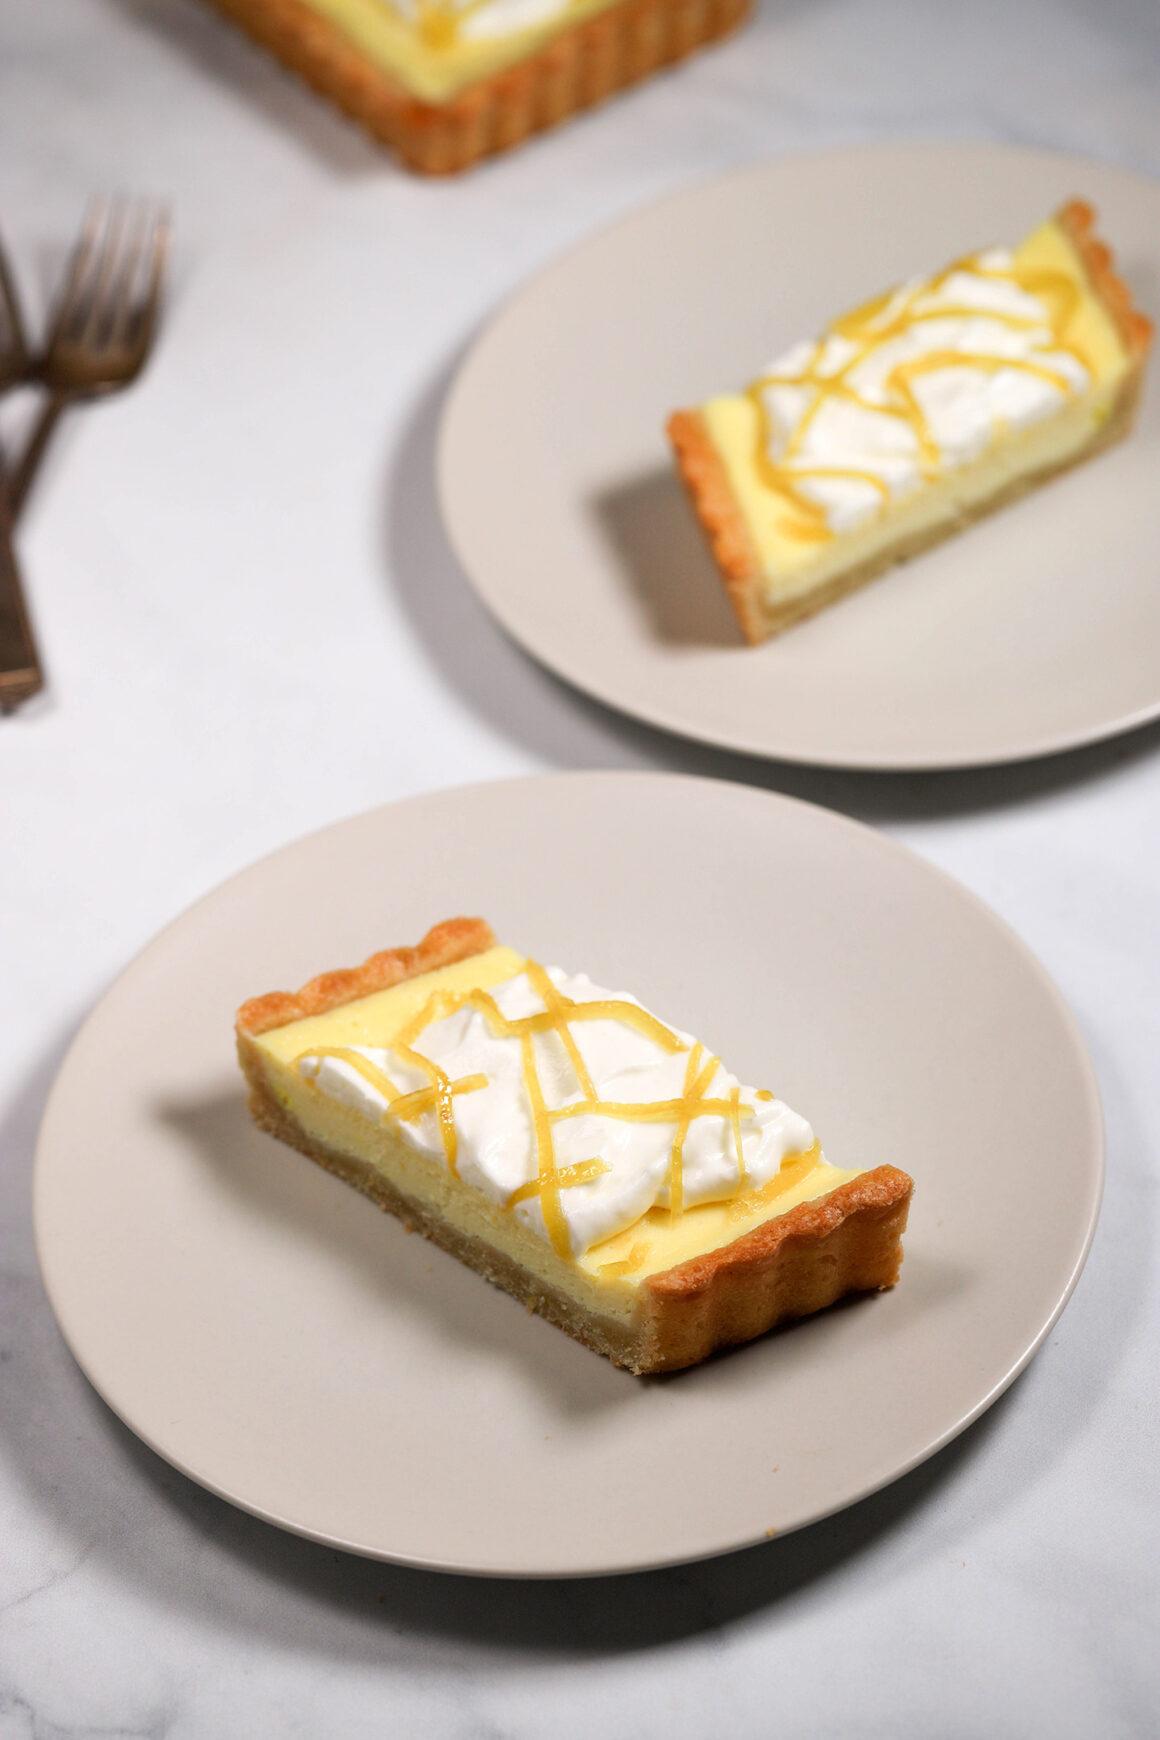 Lemon Mascarpone Tart Slices